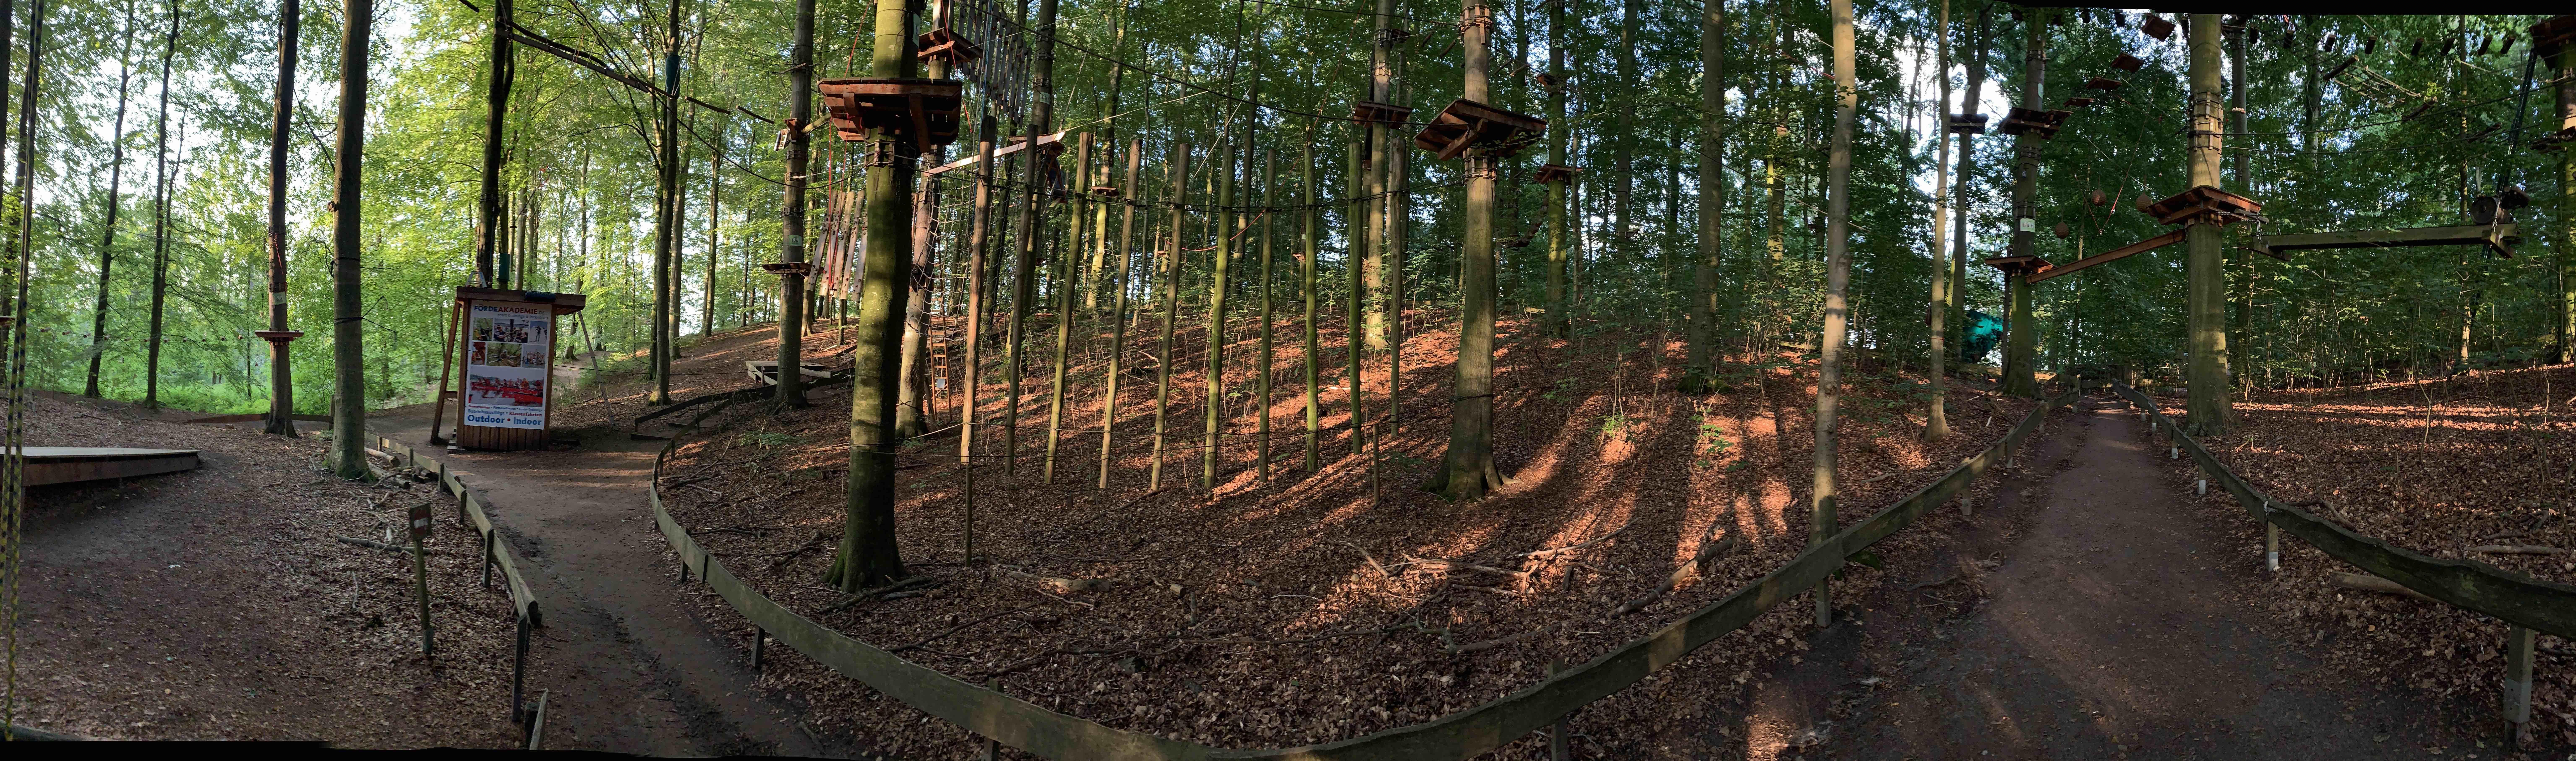 Kletterpark Altenhof